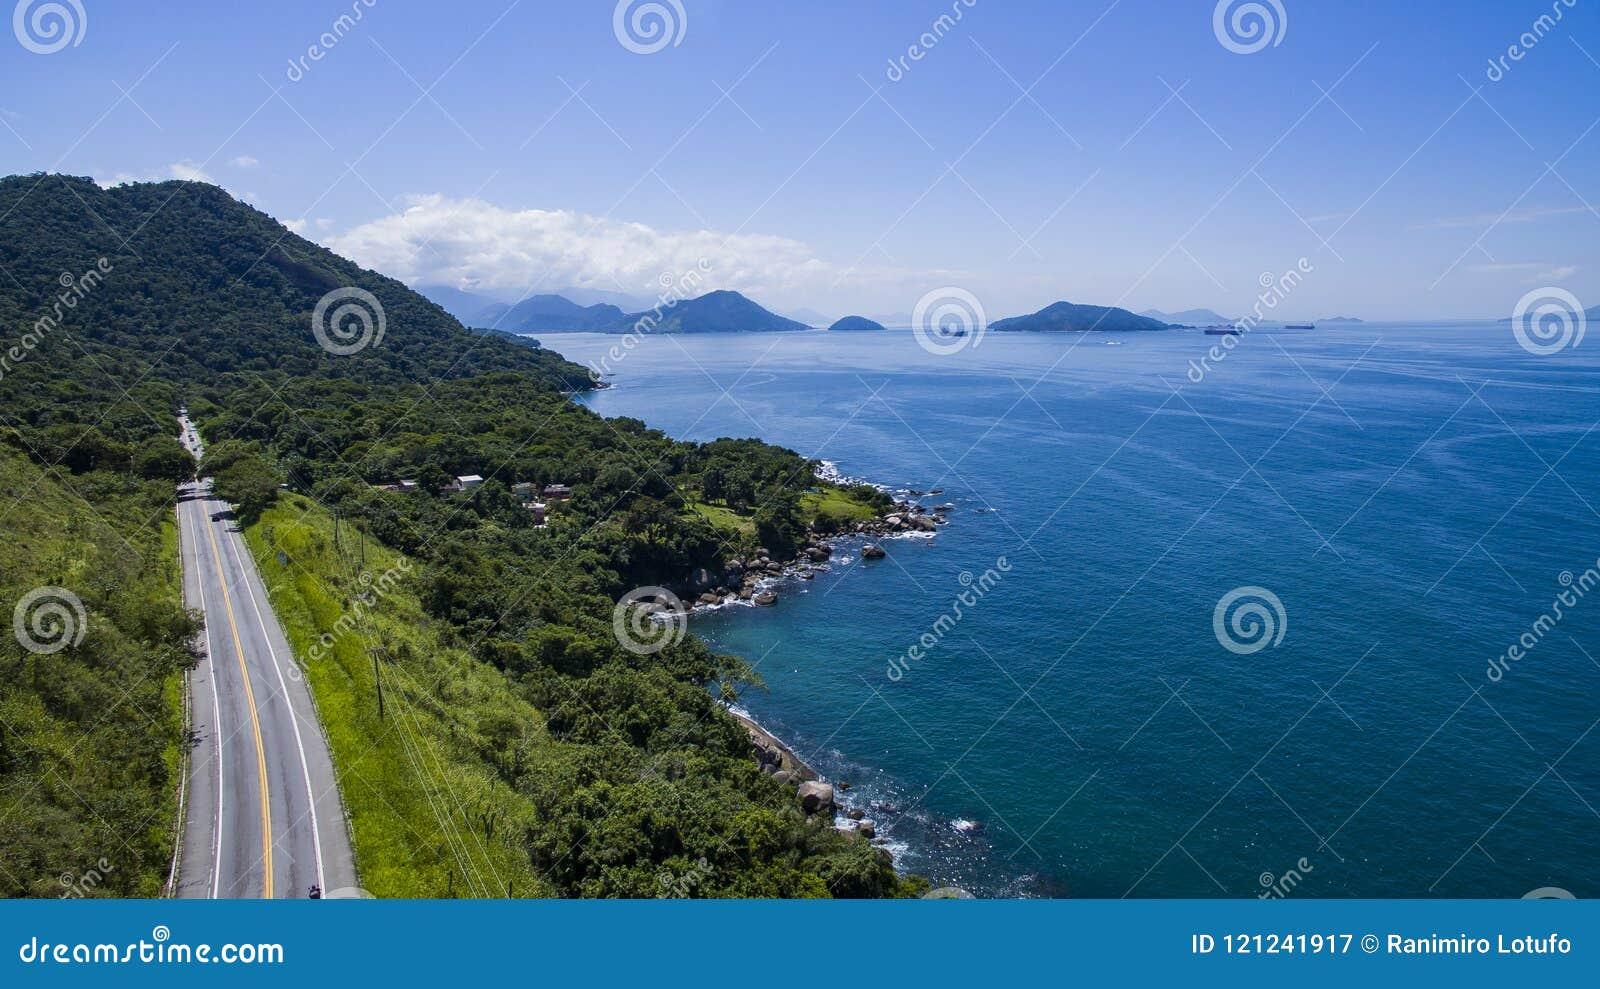 Εθνική οδός κατά μήκος της θάλασσας, DOS Reis Angra εθνικών οδών στο Ρίο ντε Τζανέιρο